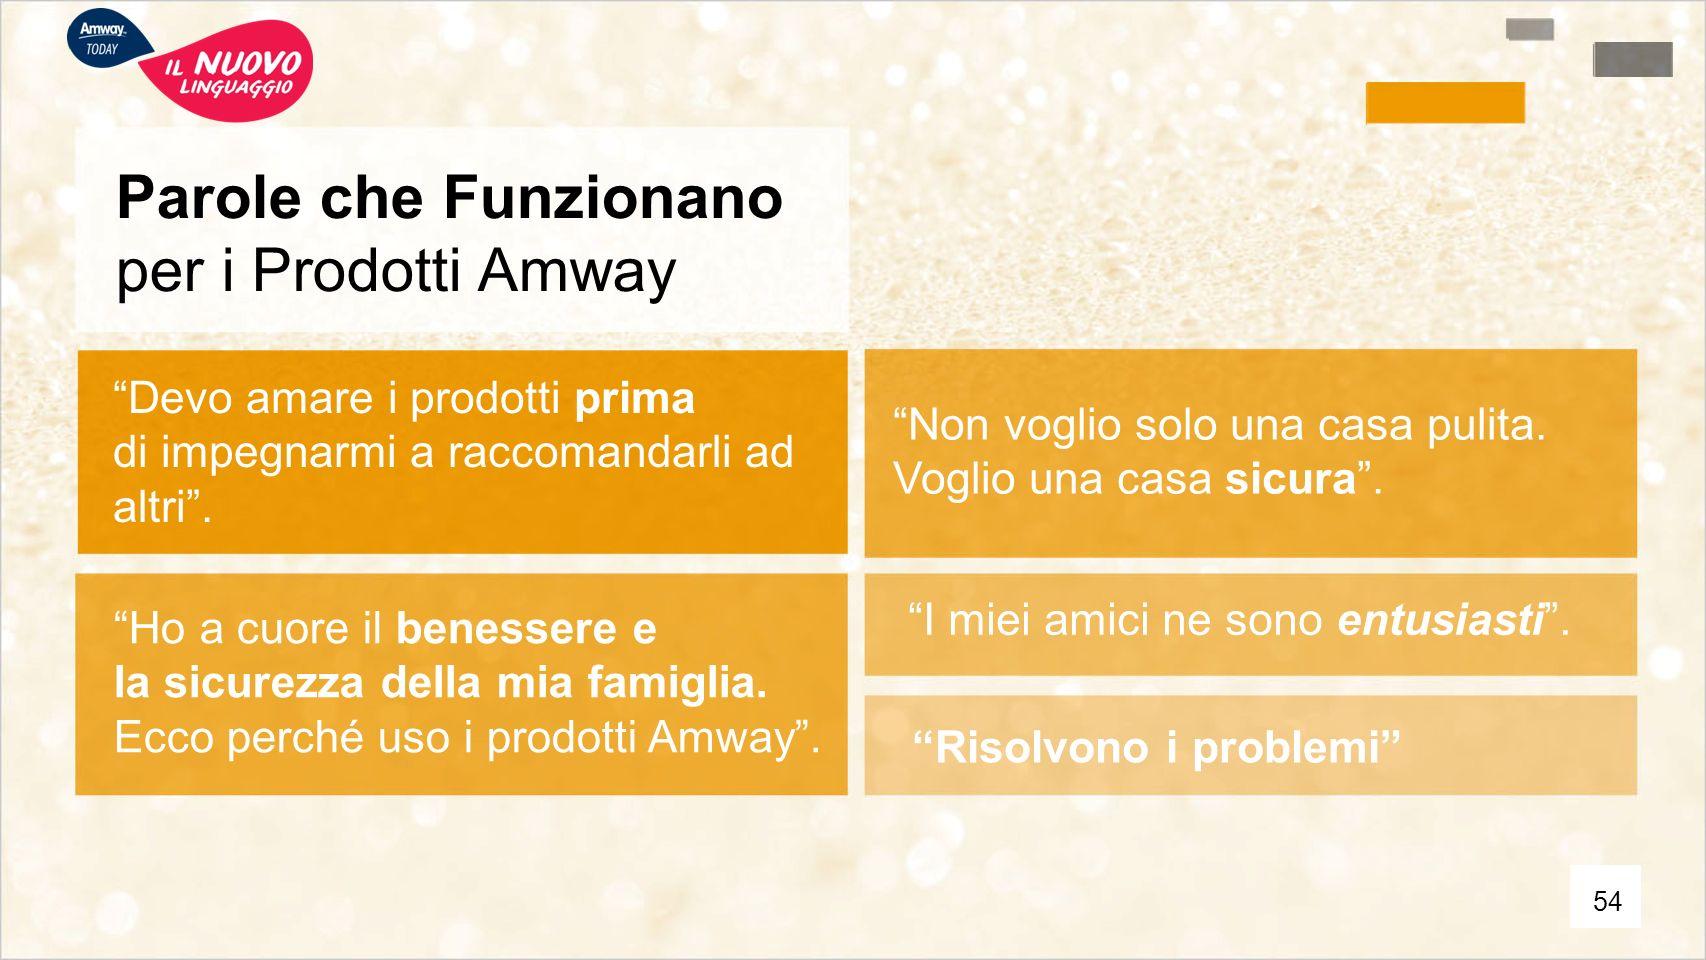 Parole che Funzionano per i Prodotti Amway